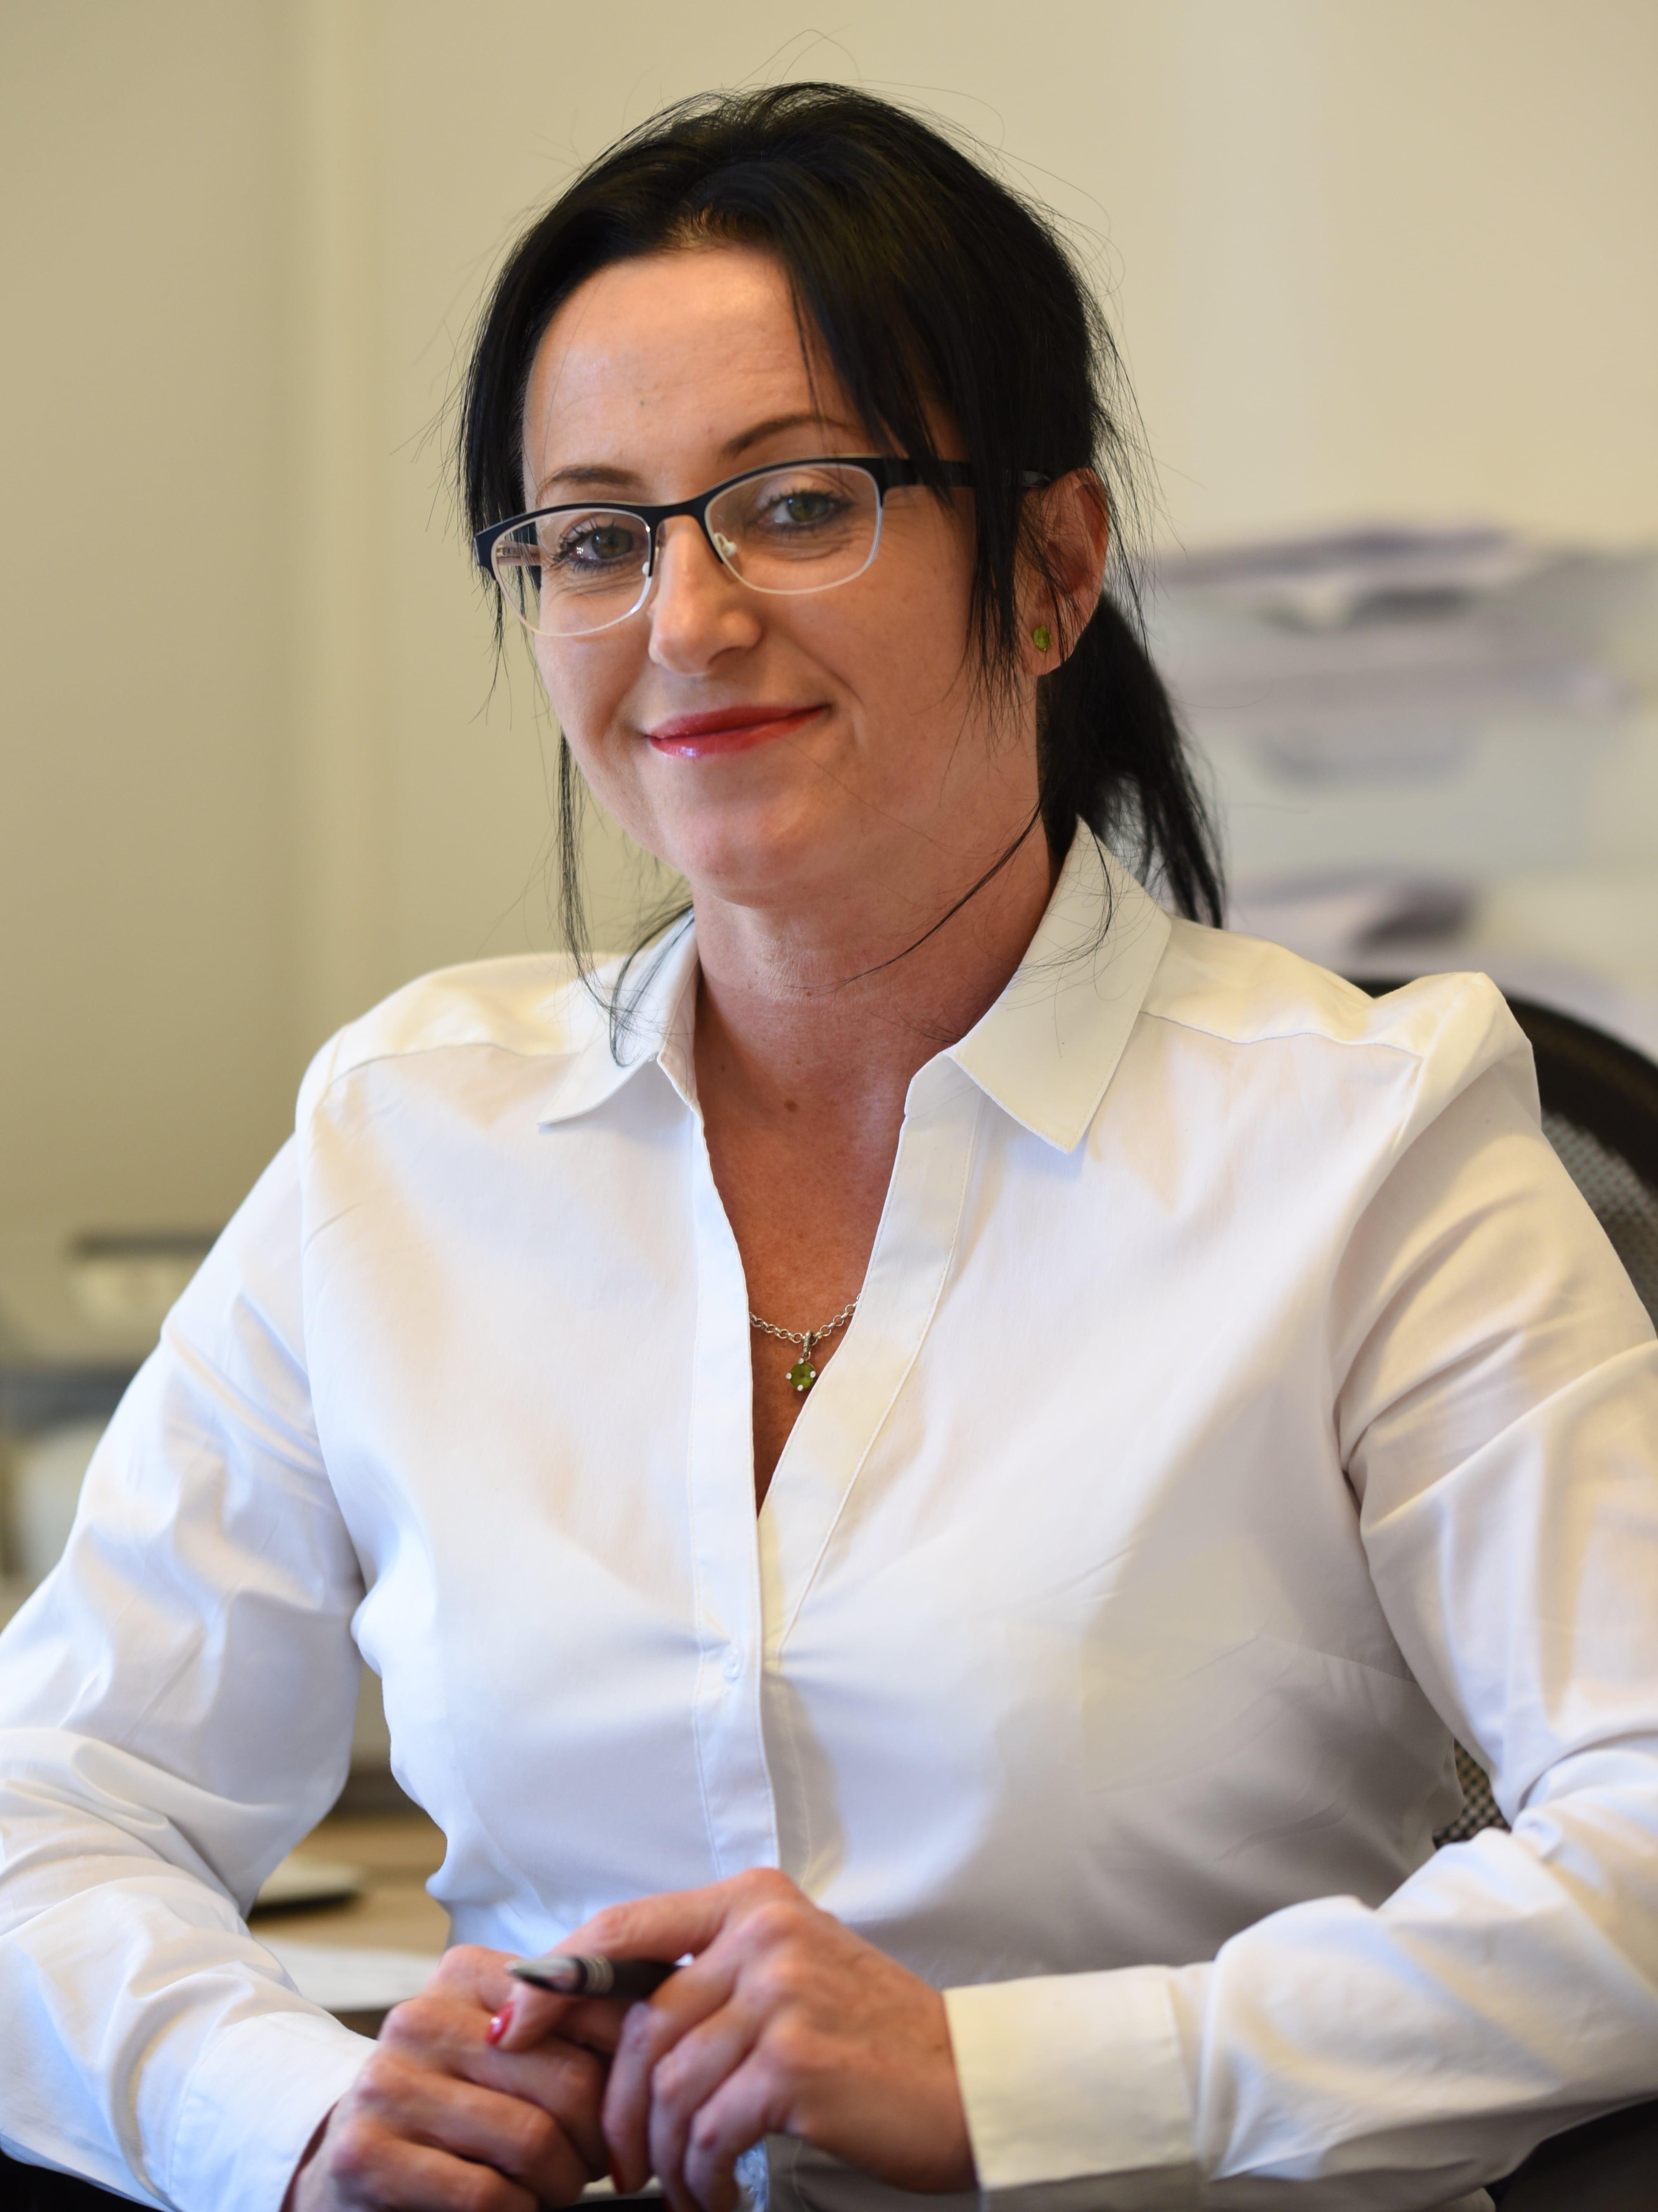 Katarzyna Jablonska